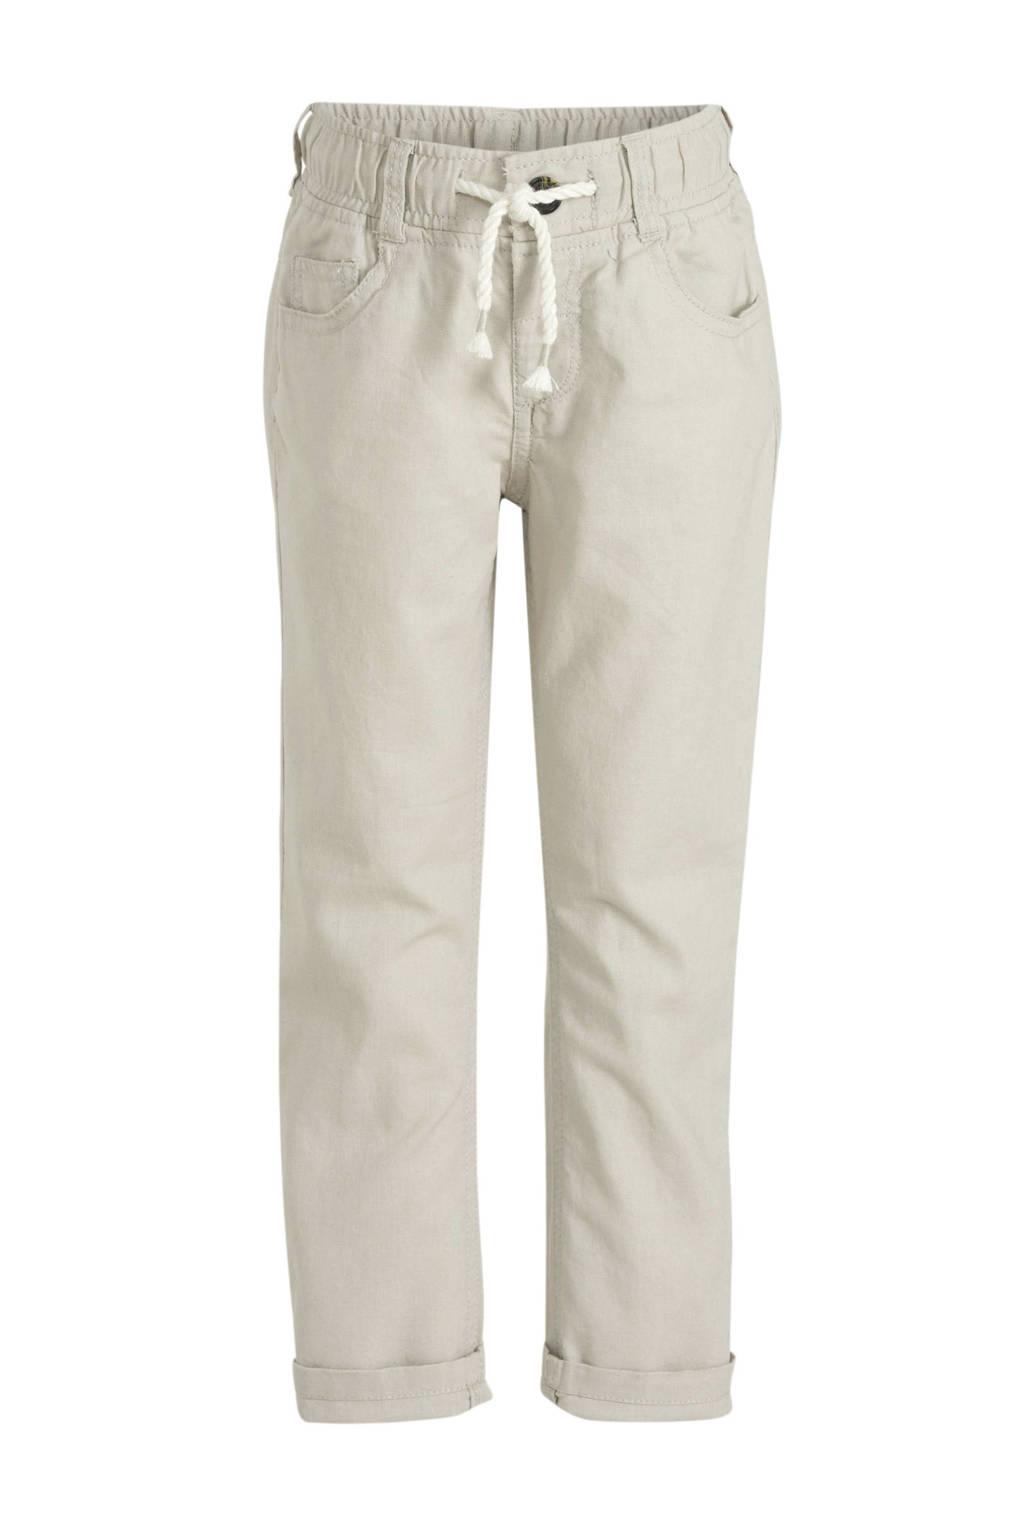 C&A Palomino broek met linnen beige, Beige